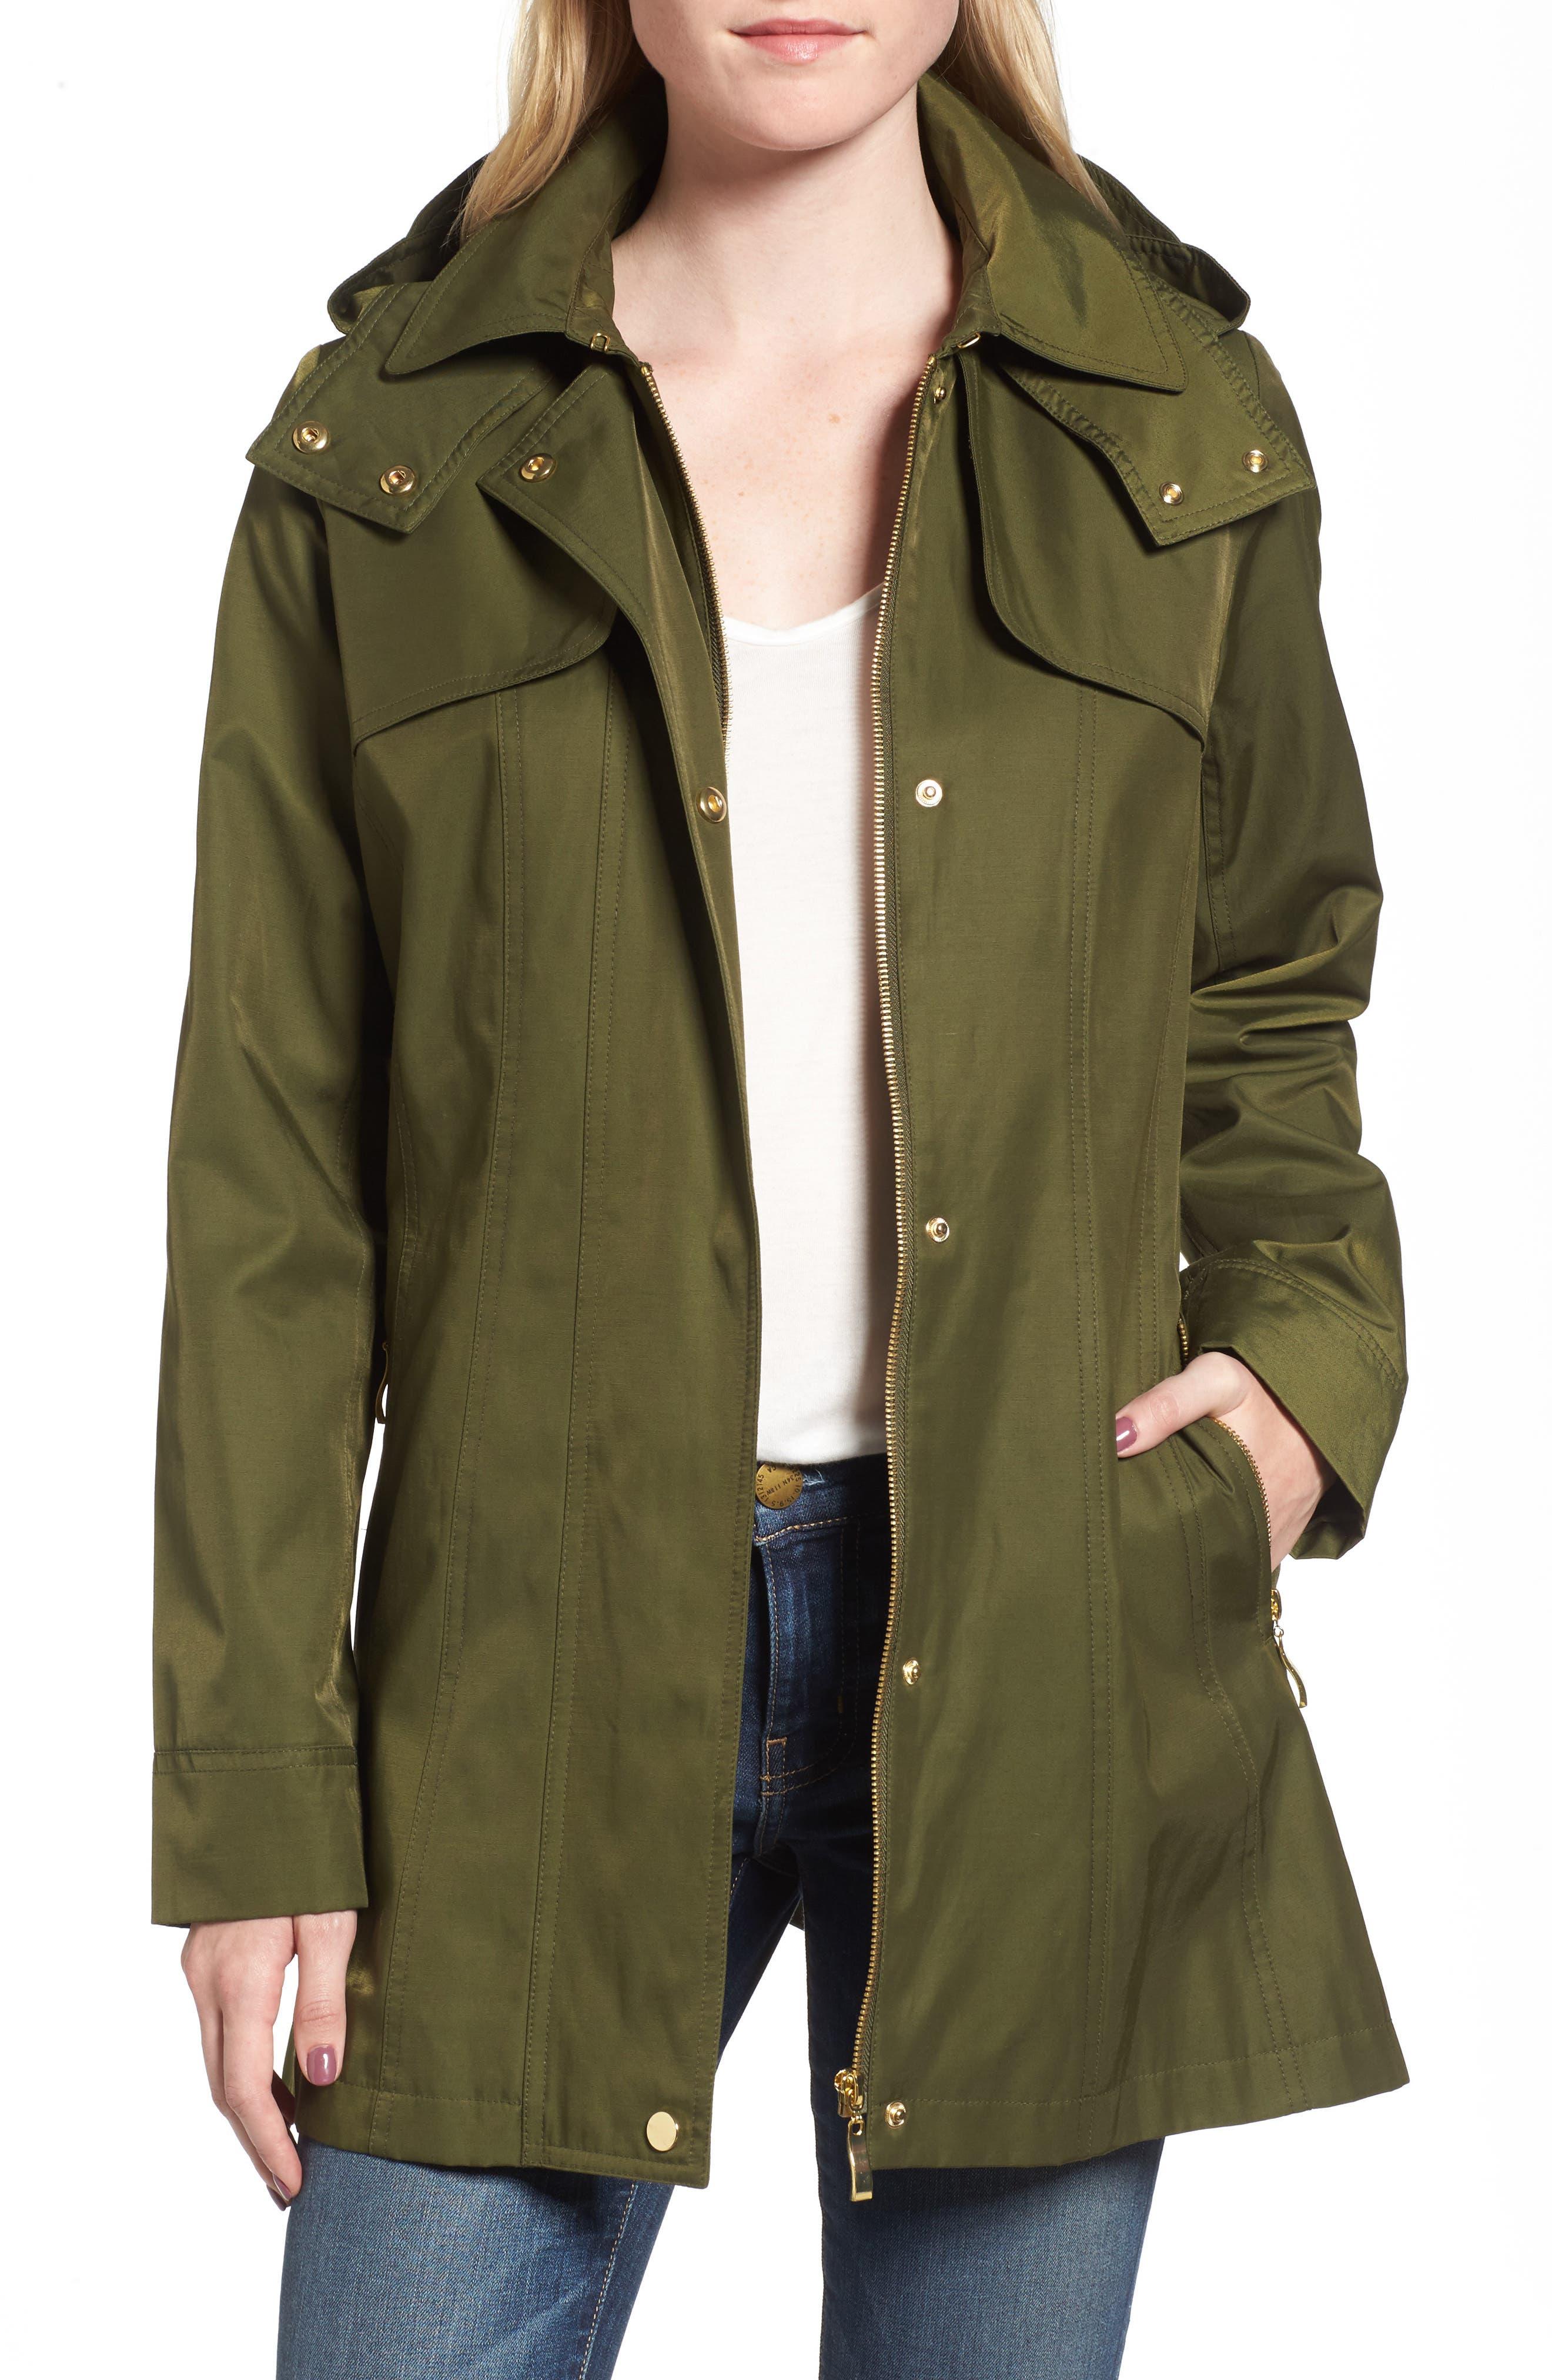 Main Image - Kristen Blake Fit & Flare Anorak Jacket (Regular & Petite)